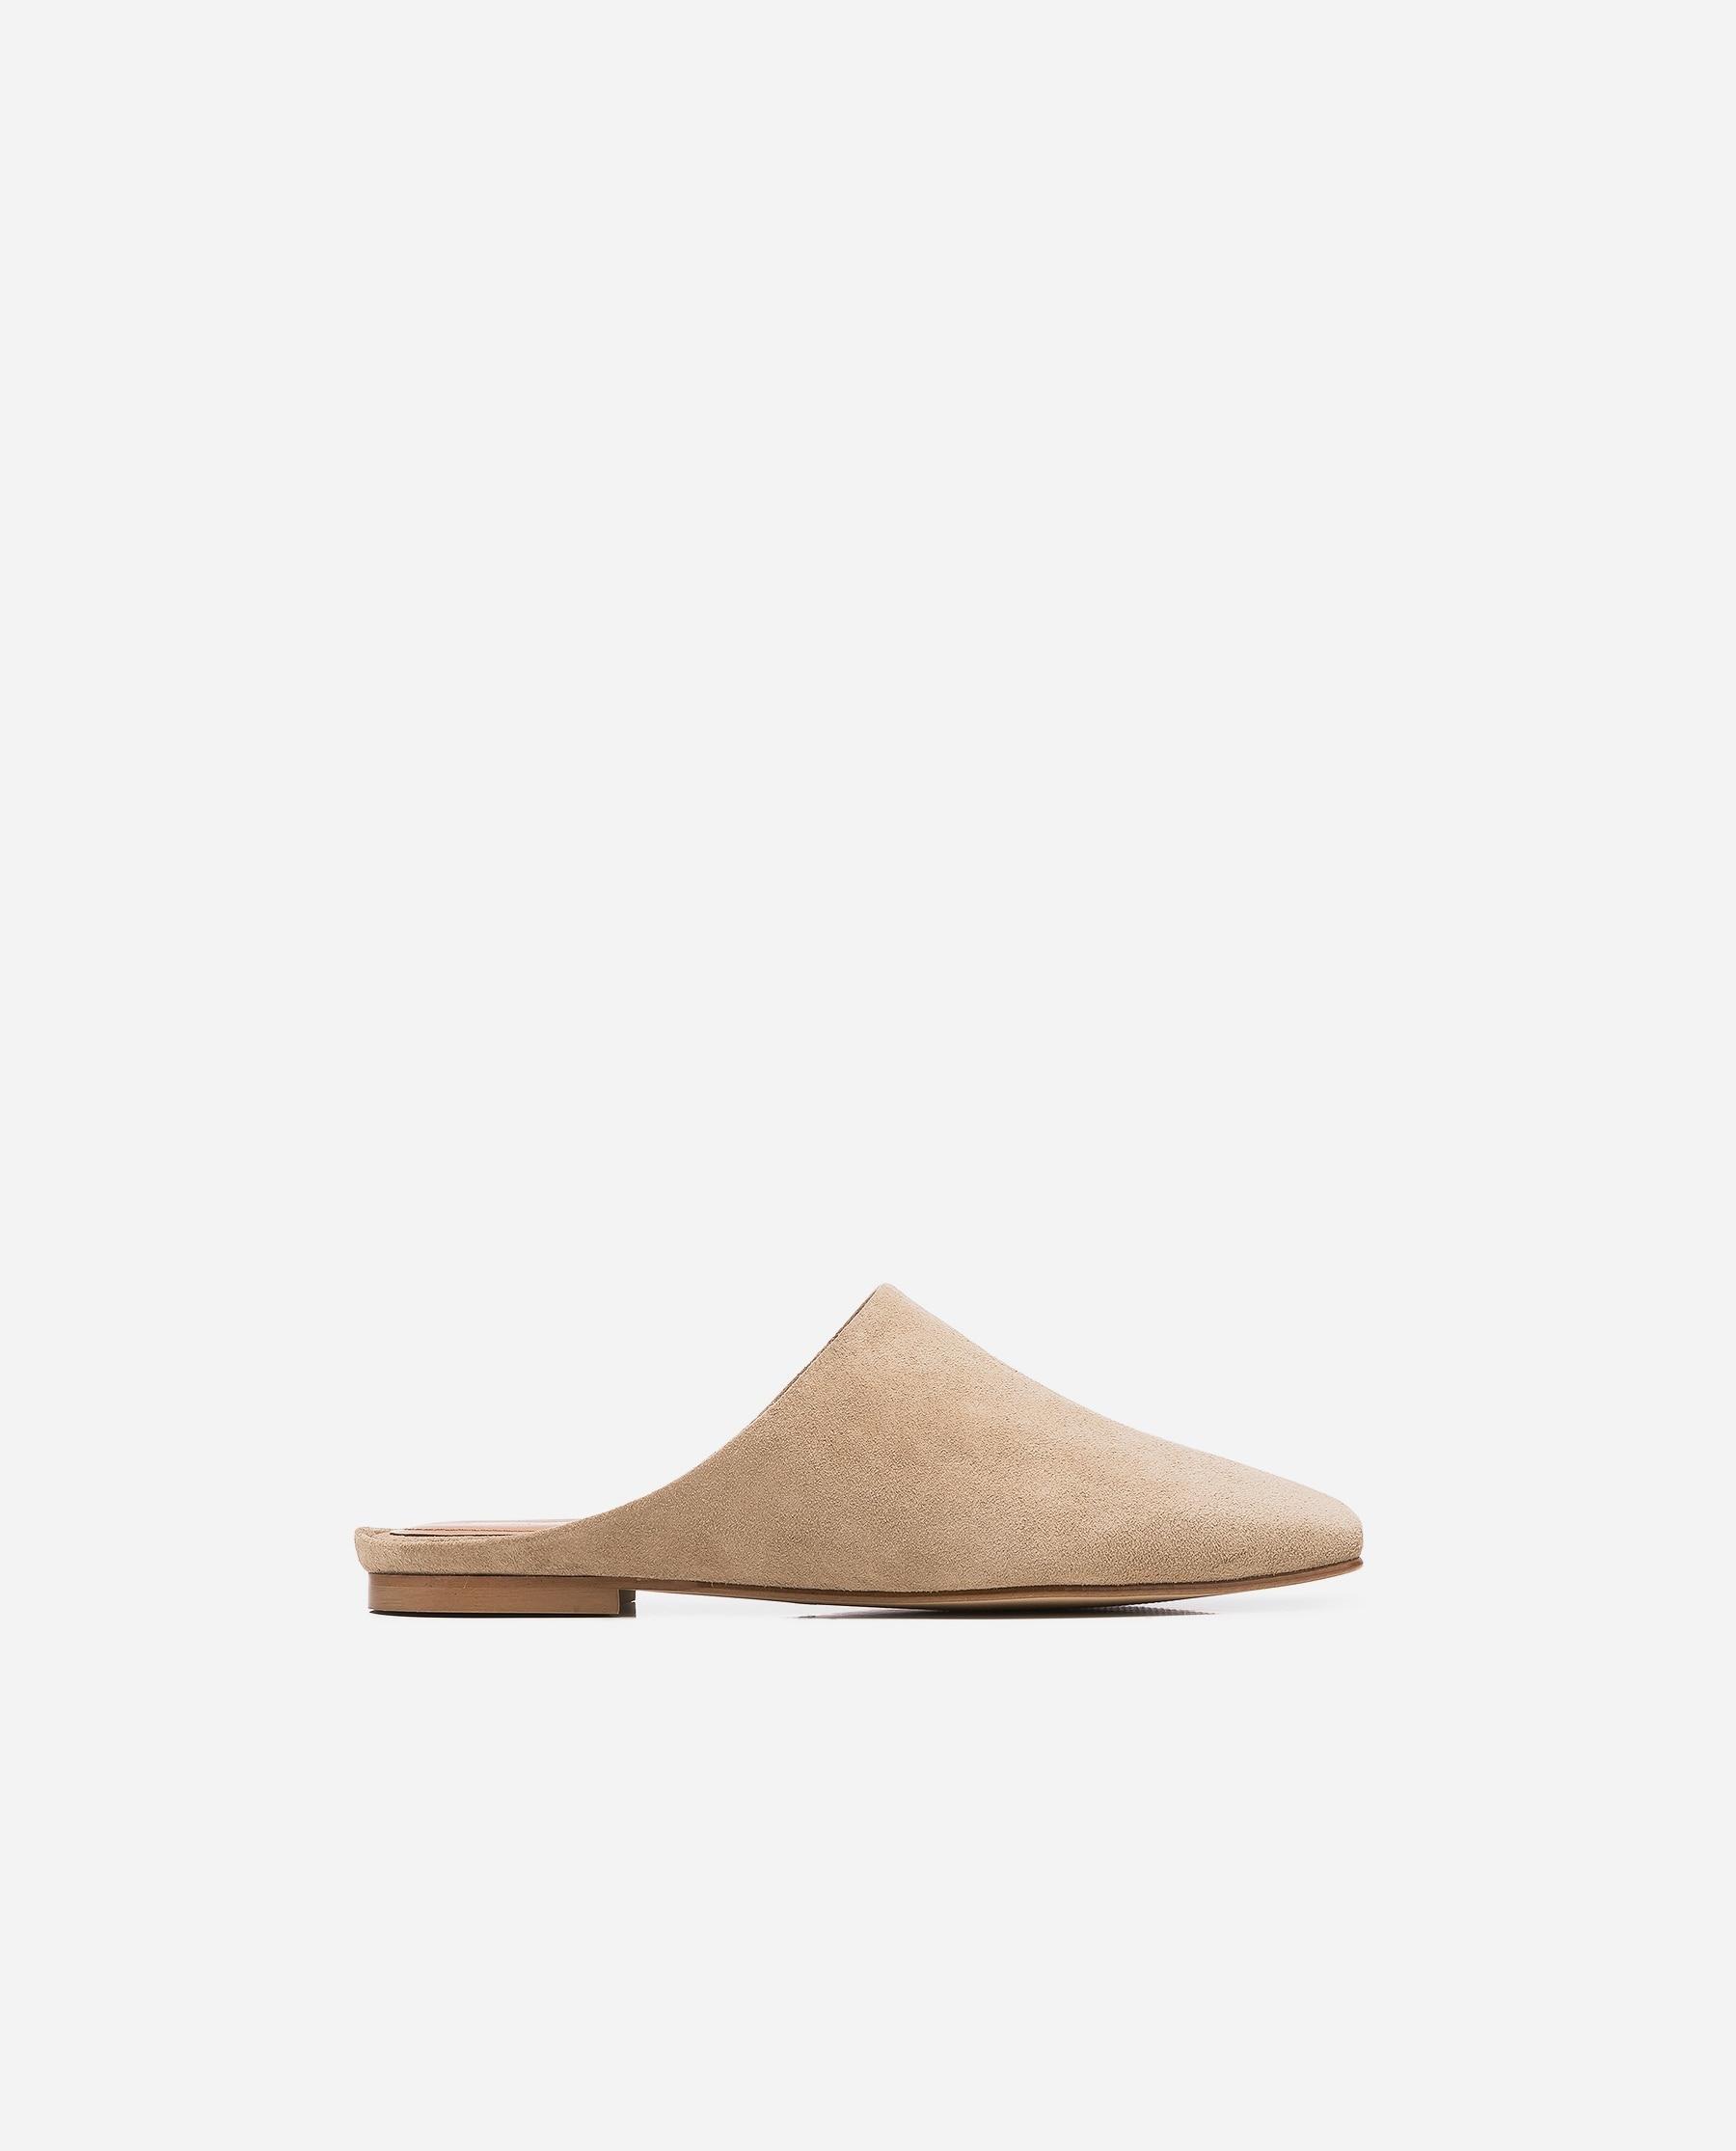 Noa Leather Sand